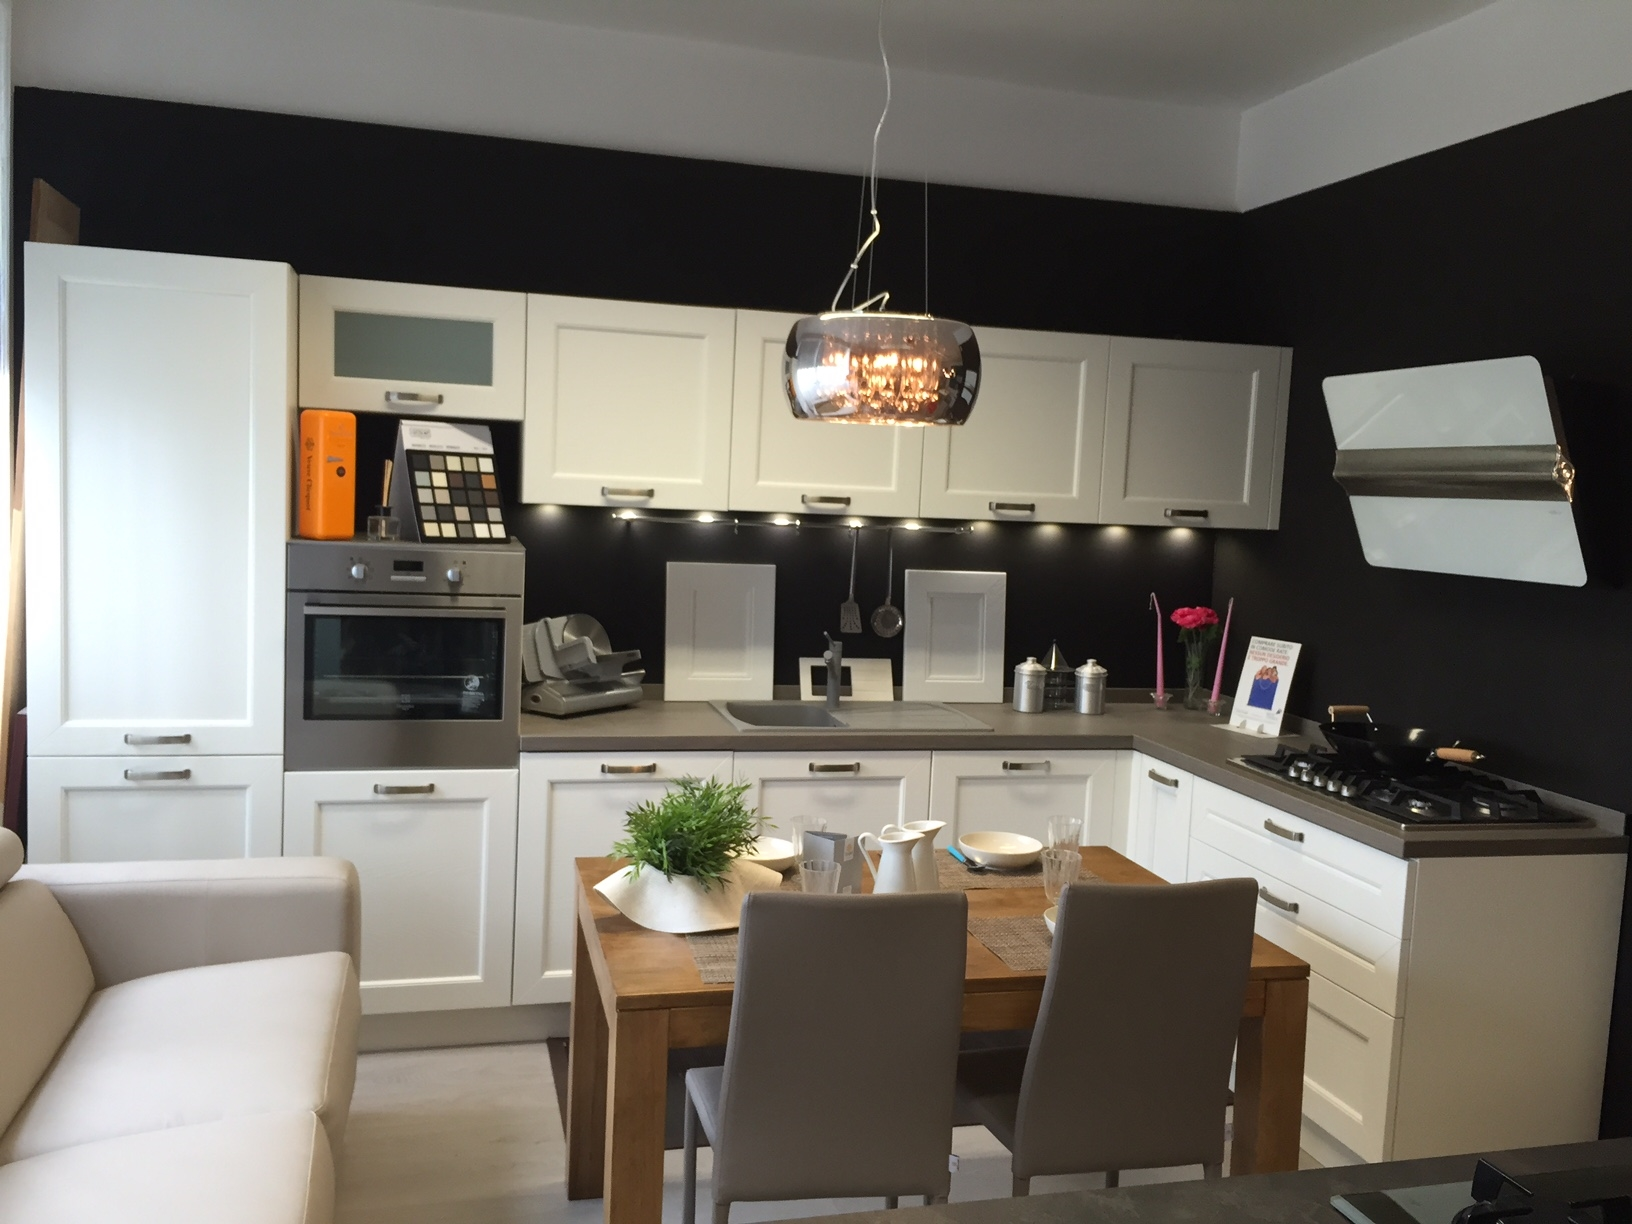 Cucina Effe4 Creta Moderna Legno bianca - Cucine a prezzi scontati